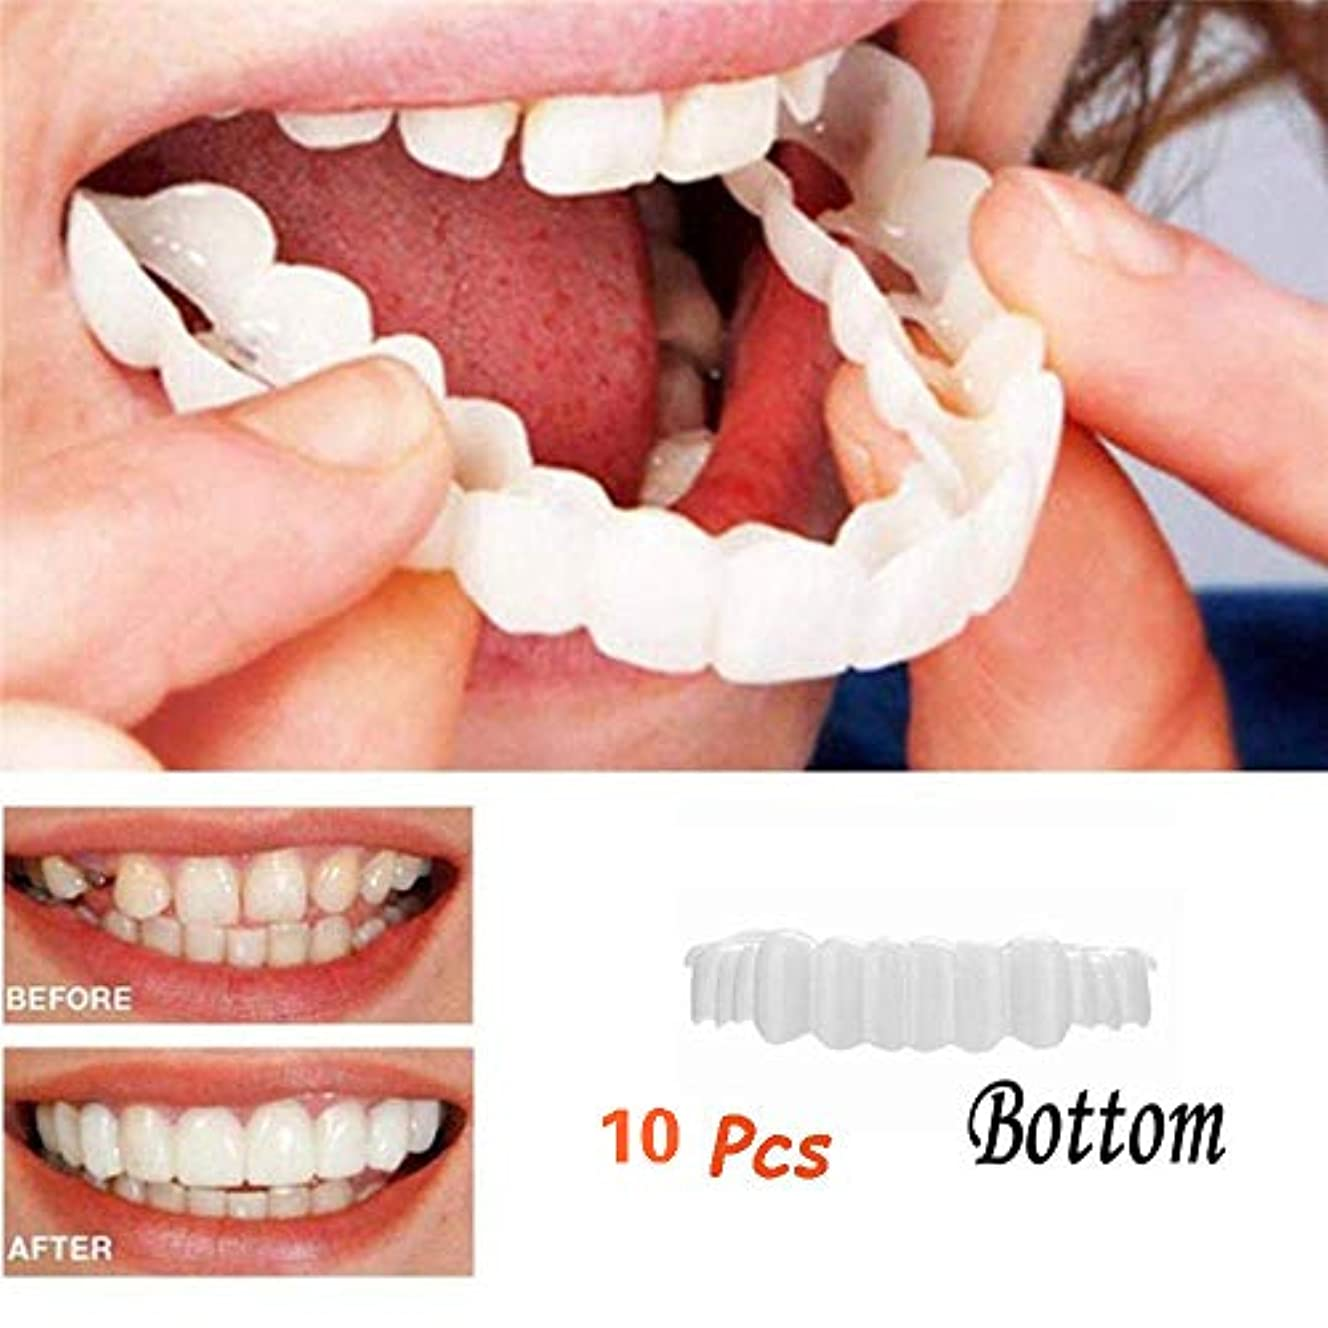 西部有効一流10ピース化粧品歯化粧品歯科スナップインスタントパーフェクトスマイルコンフォートフィットフレックス歯白い歯カバーフィットほとんどの偽底歯